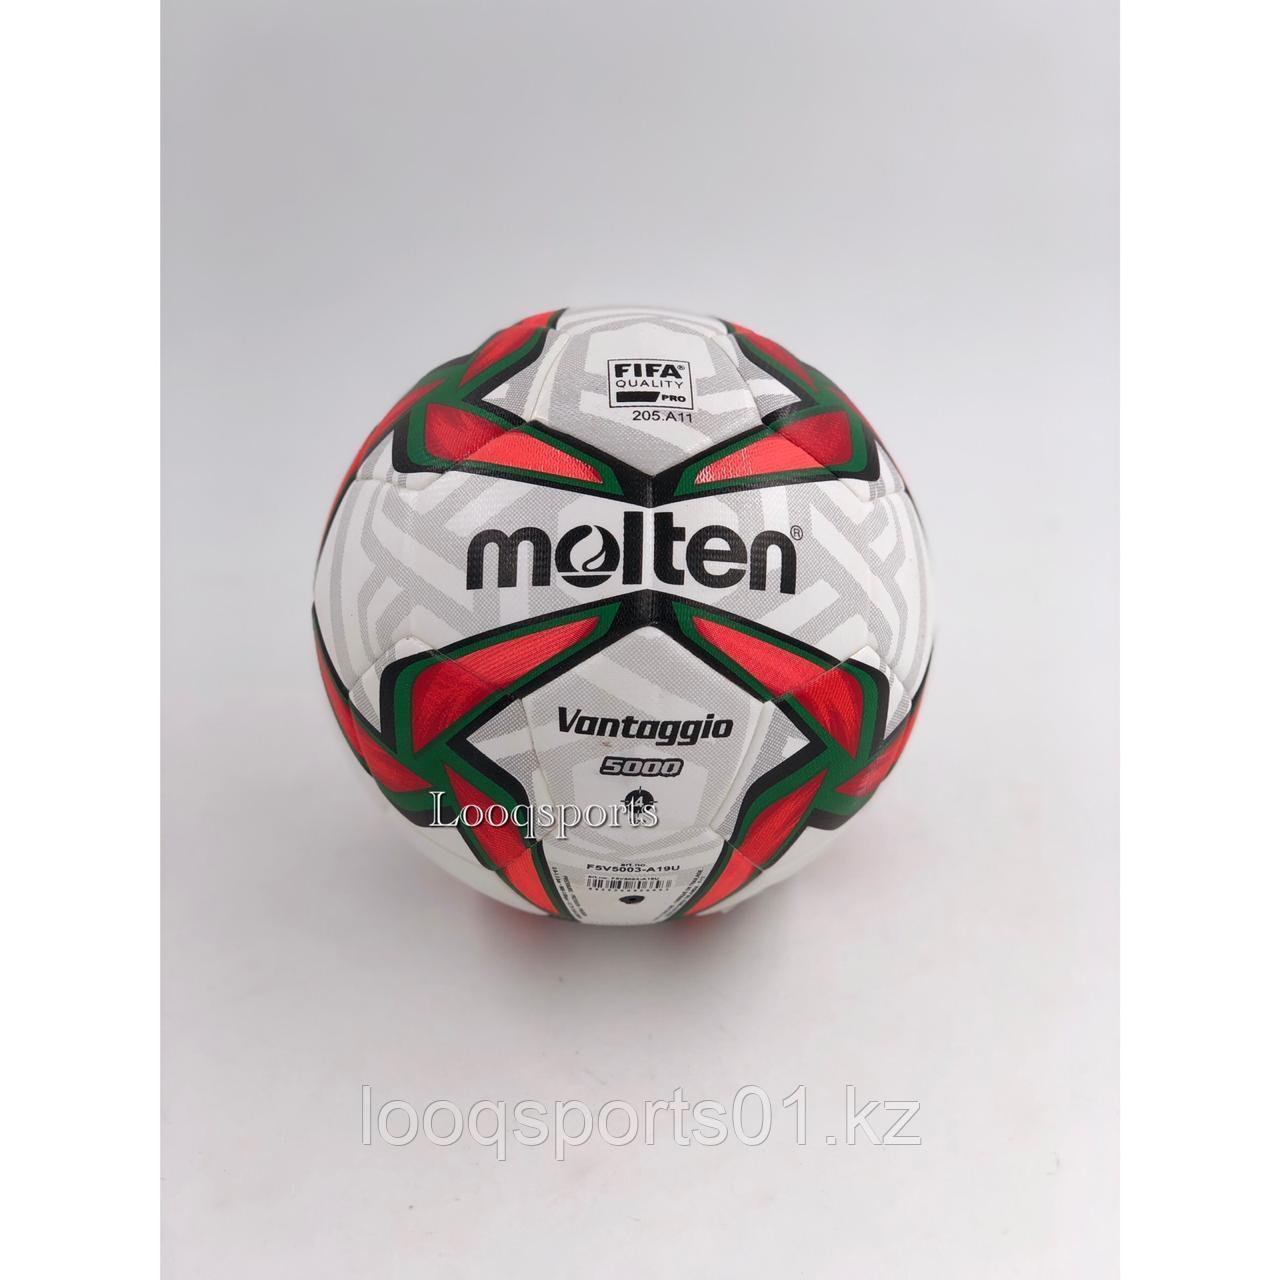 Футбольный (футзальный) мяч Molten (4 размер) с бесплатной доставкой